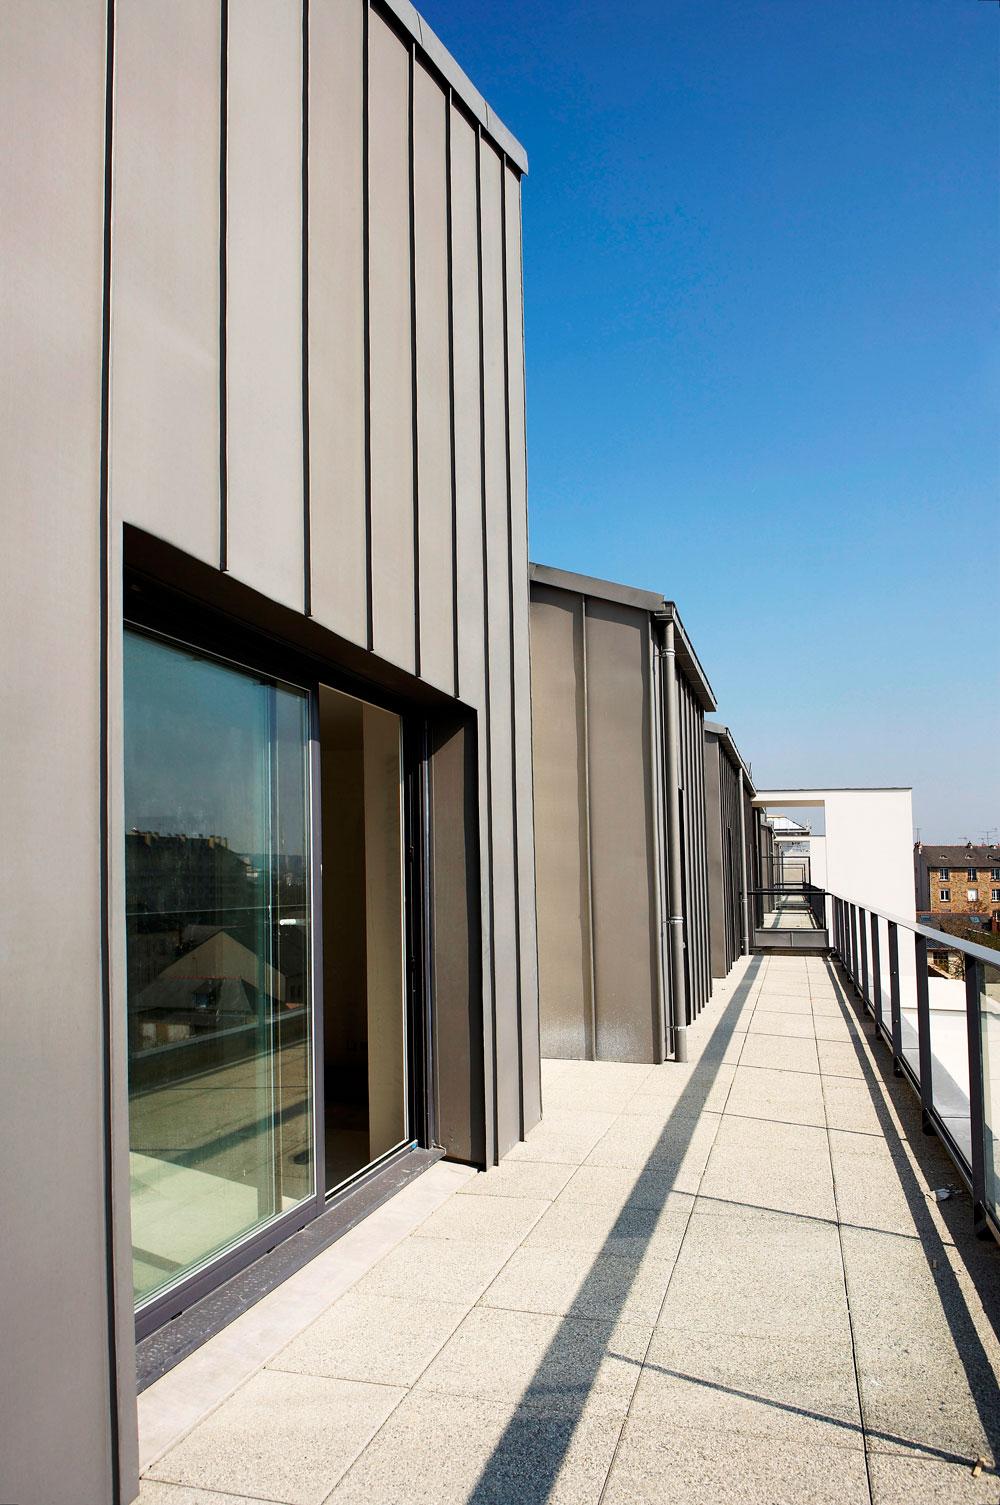 Bardage zinc sur ossature bois bardage en zinc profil emboitement extension ou rehausse - Garage charpentier nantes ...